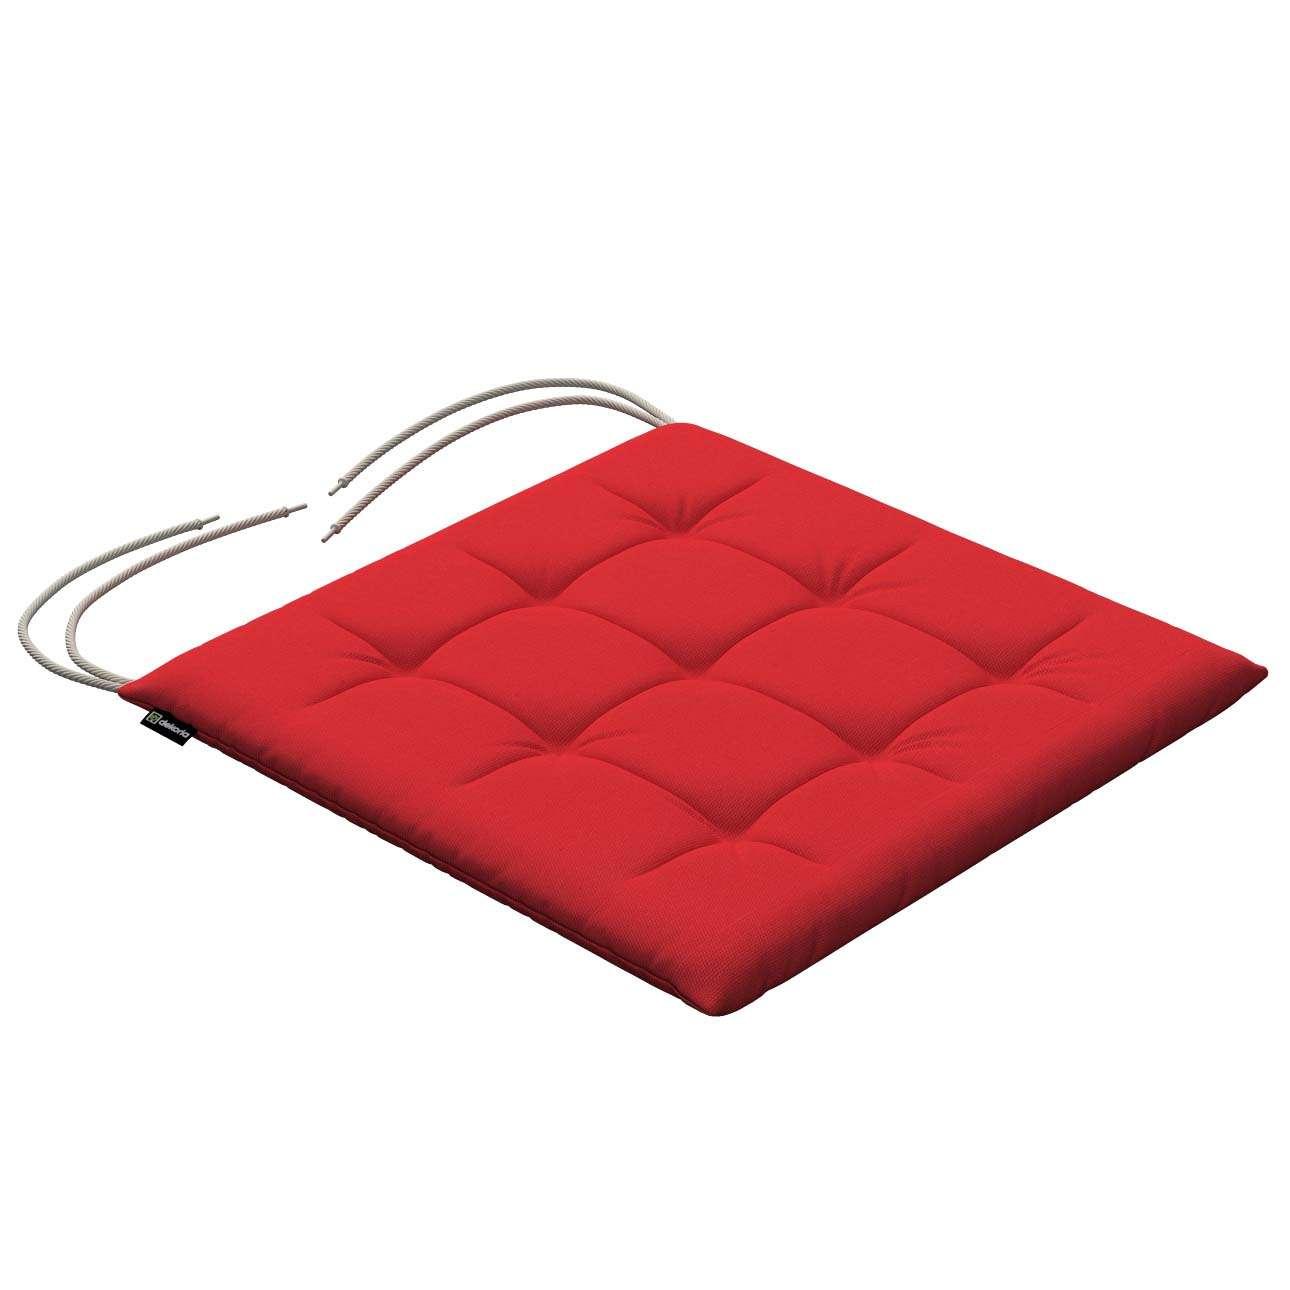 Siedzisko Karol na krzesło 40x40x3,5cm w kolekcji Loneta, tkanina: 133-43